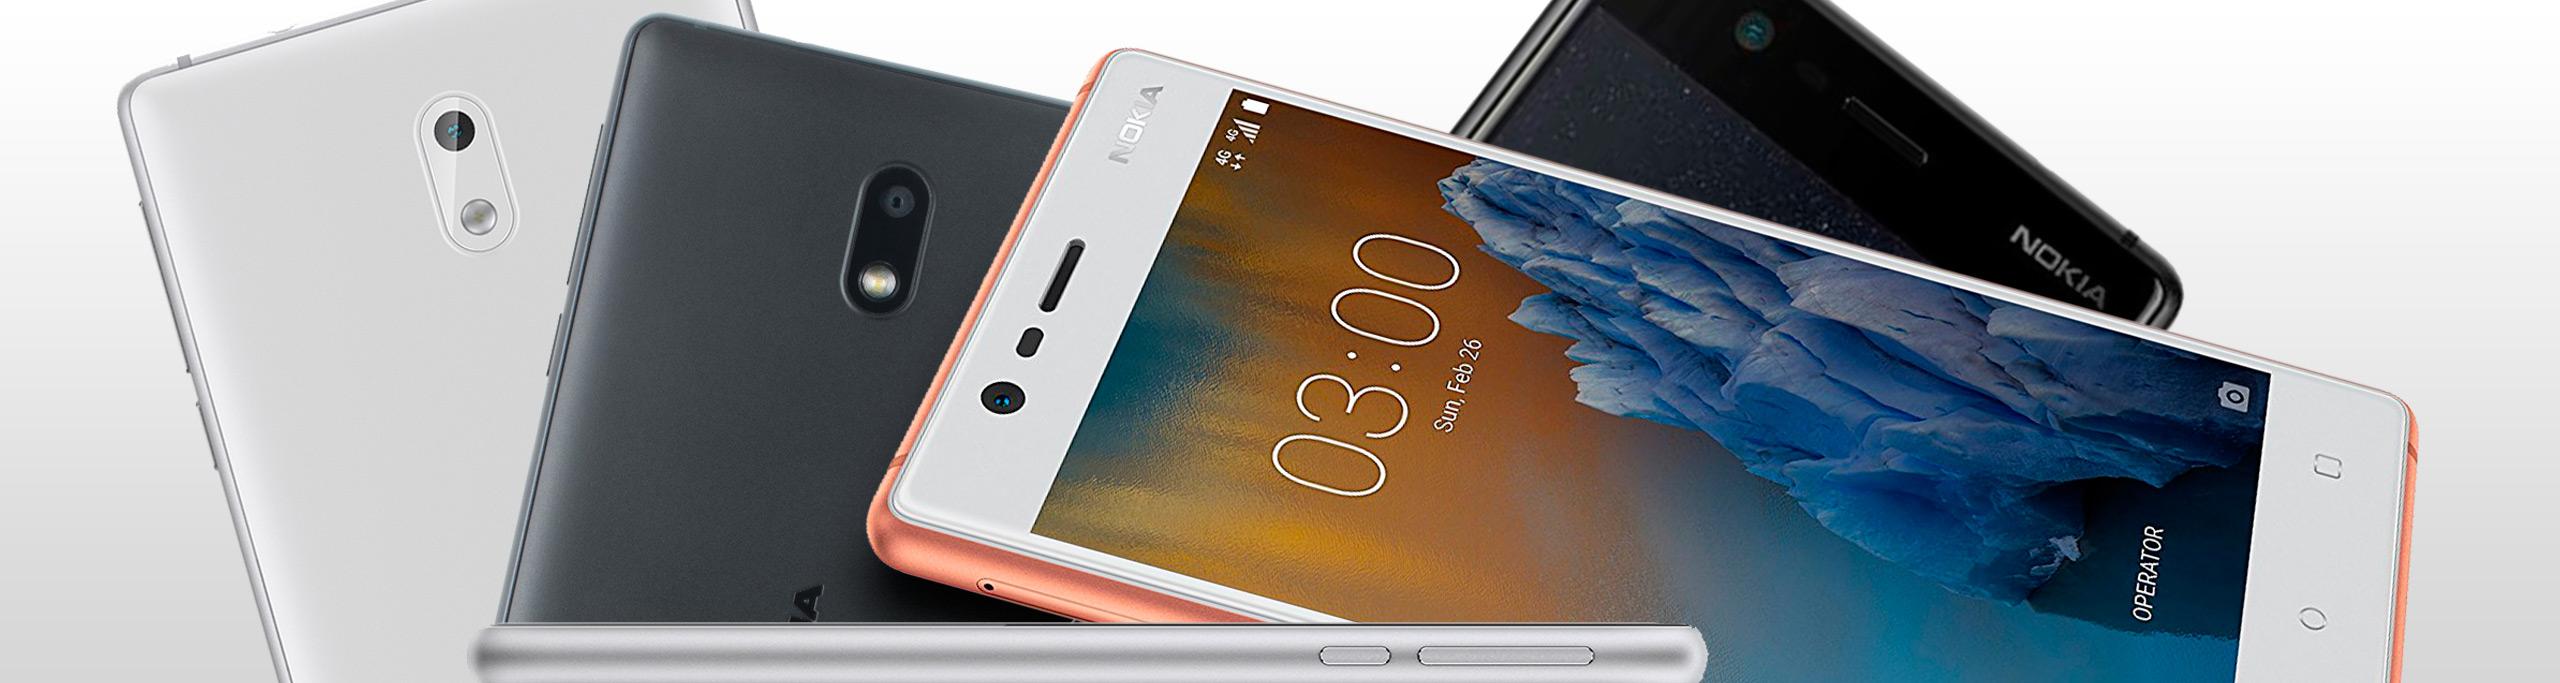 Nokia 3 (TA-1020)